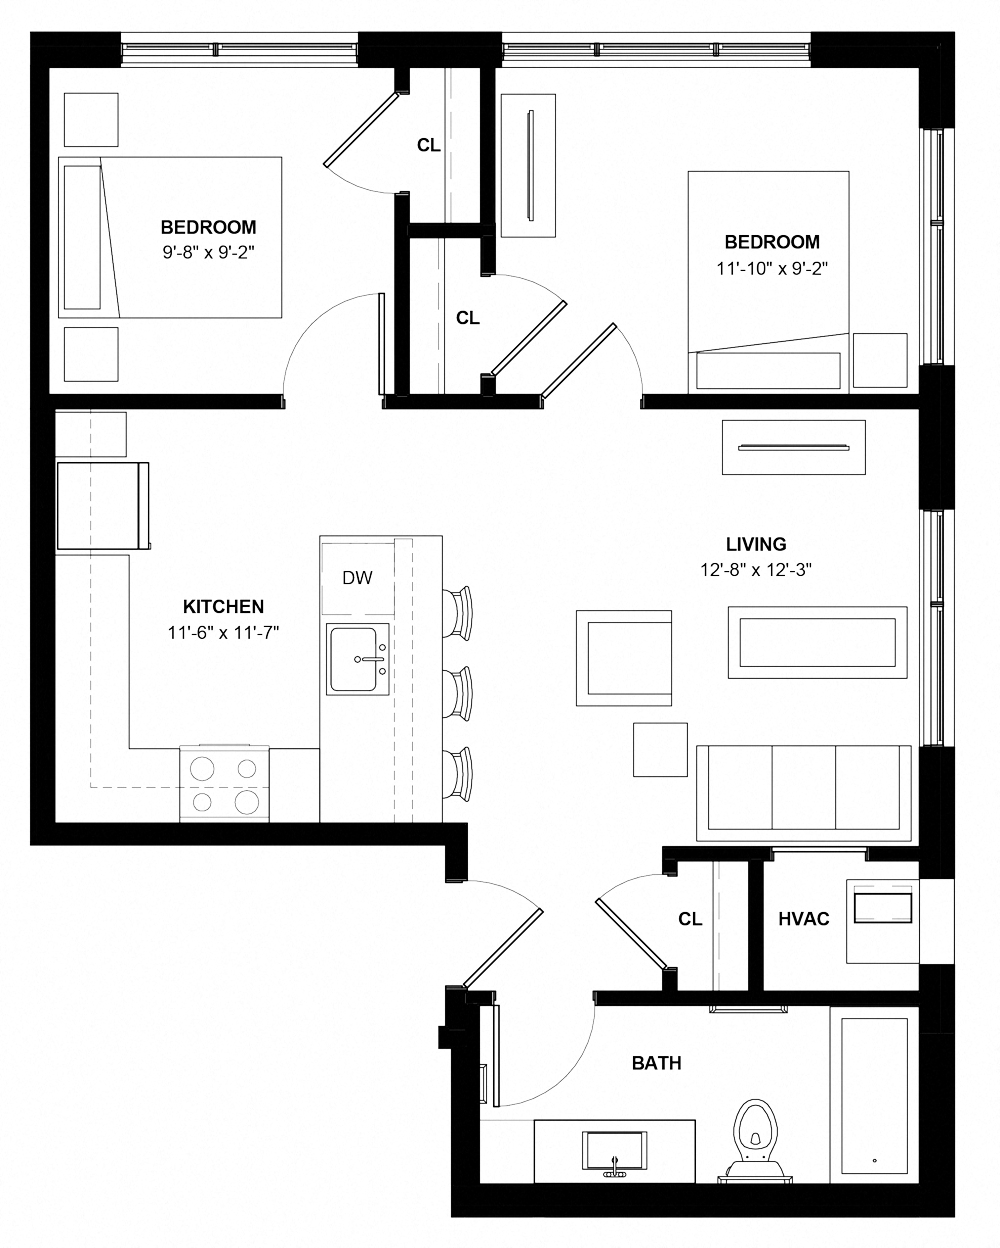 Uptown Minneapolis Apartments: Minneapolis, MN